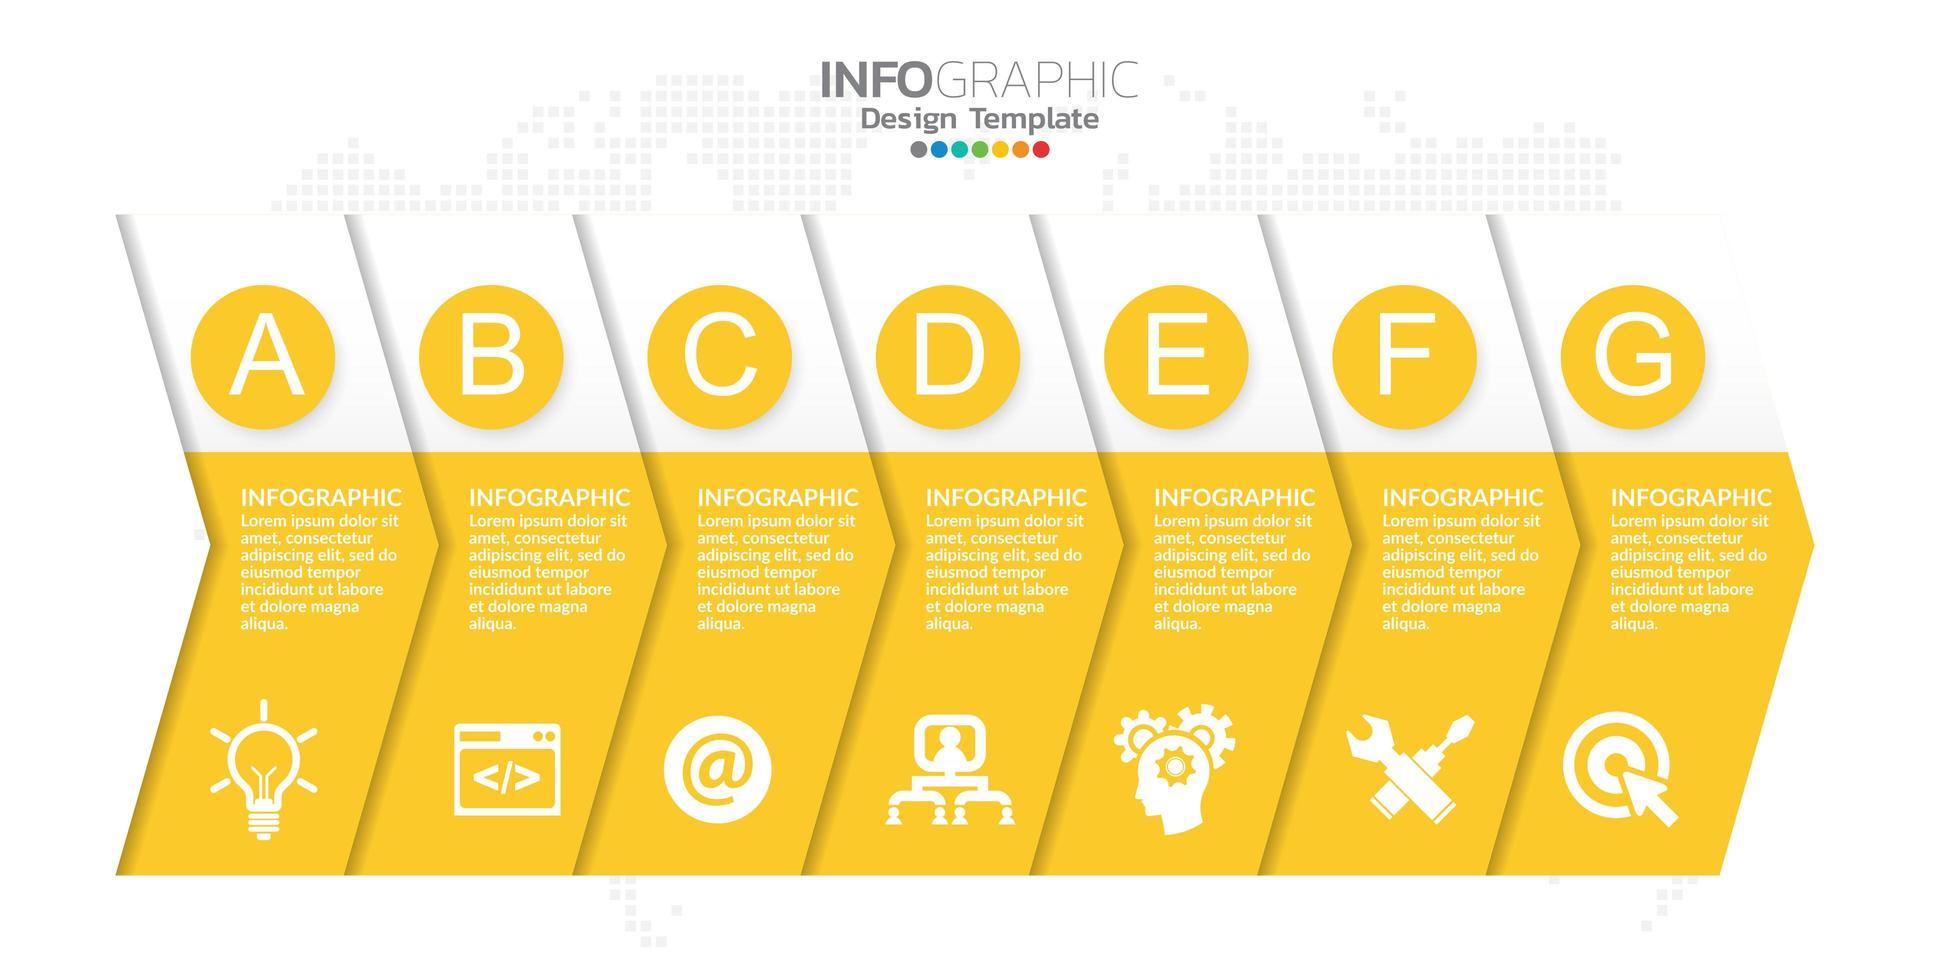 elementos infográficos para contenido, diagrama, diagrama de flujo, pasos, partes, línea de tiempo, flujo de trabajo, gráfico. vector